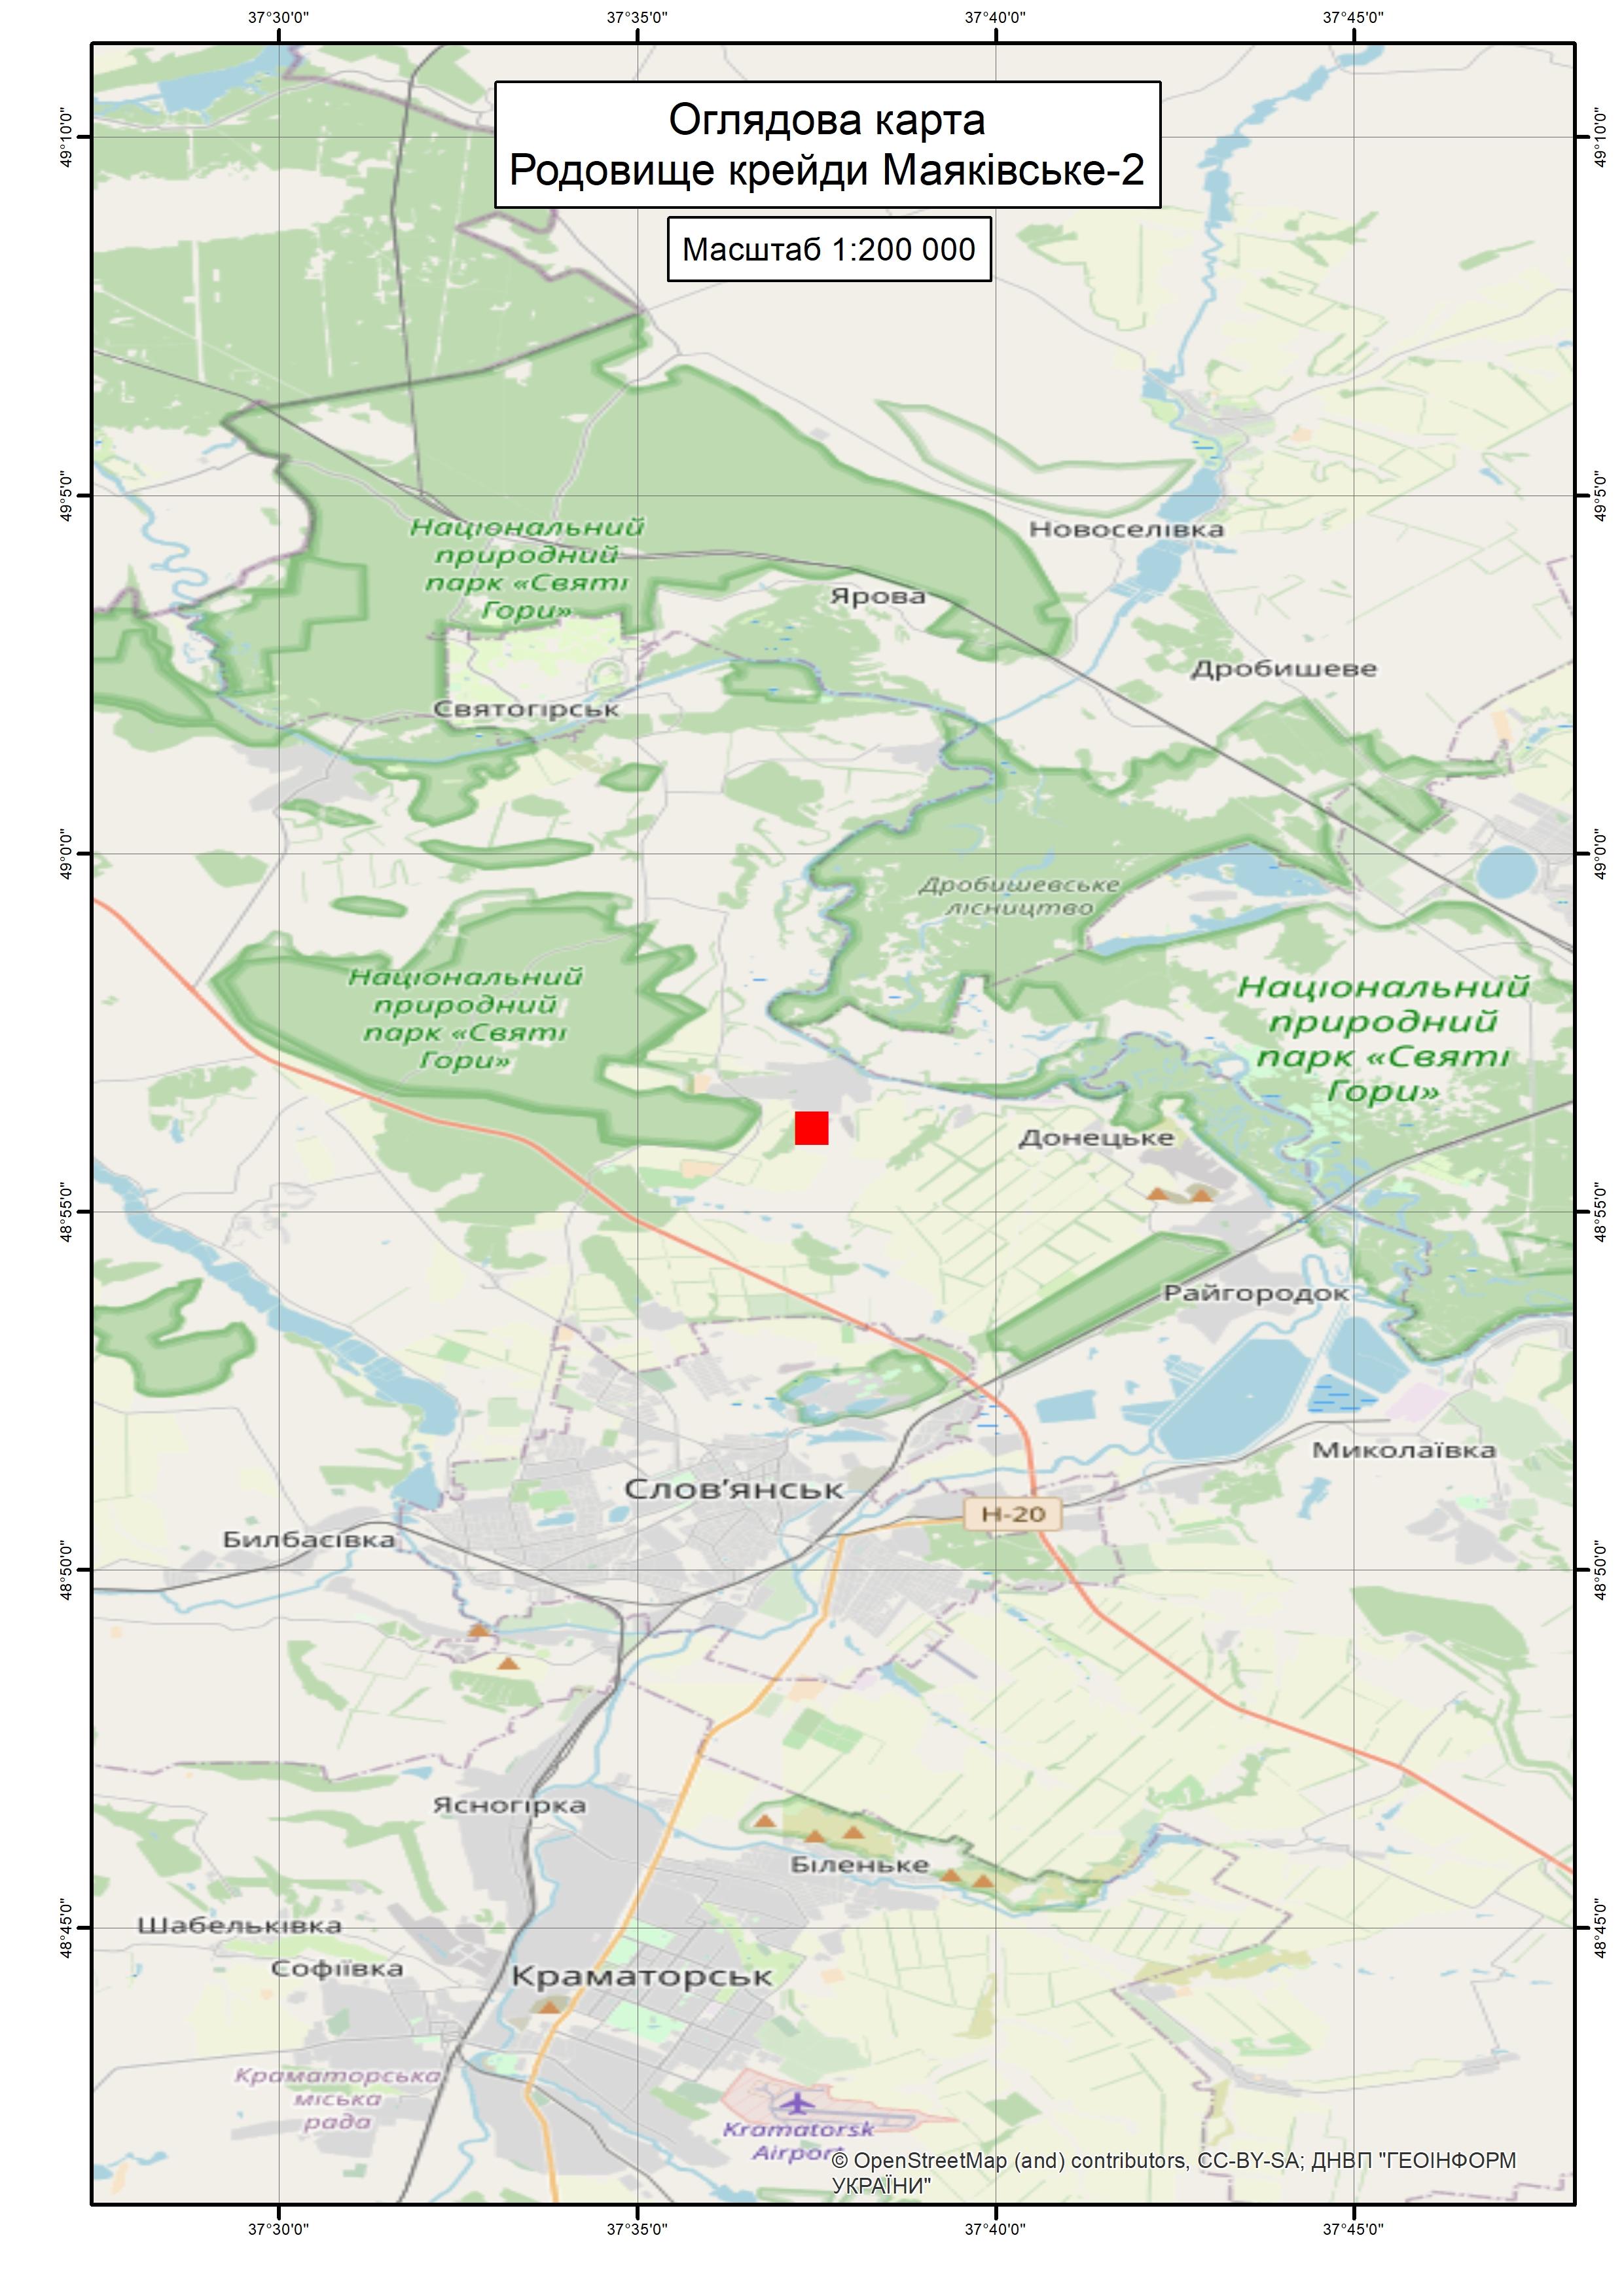 Спеціальний дозвіл на користування надрами – Маяківське-2 родовище. Вартість геологічної інформації – 118 622,89 грн (з ПДВ). Вартість пакету аукціонної документації – 70 127,87 грн (з ПДВ).